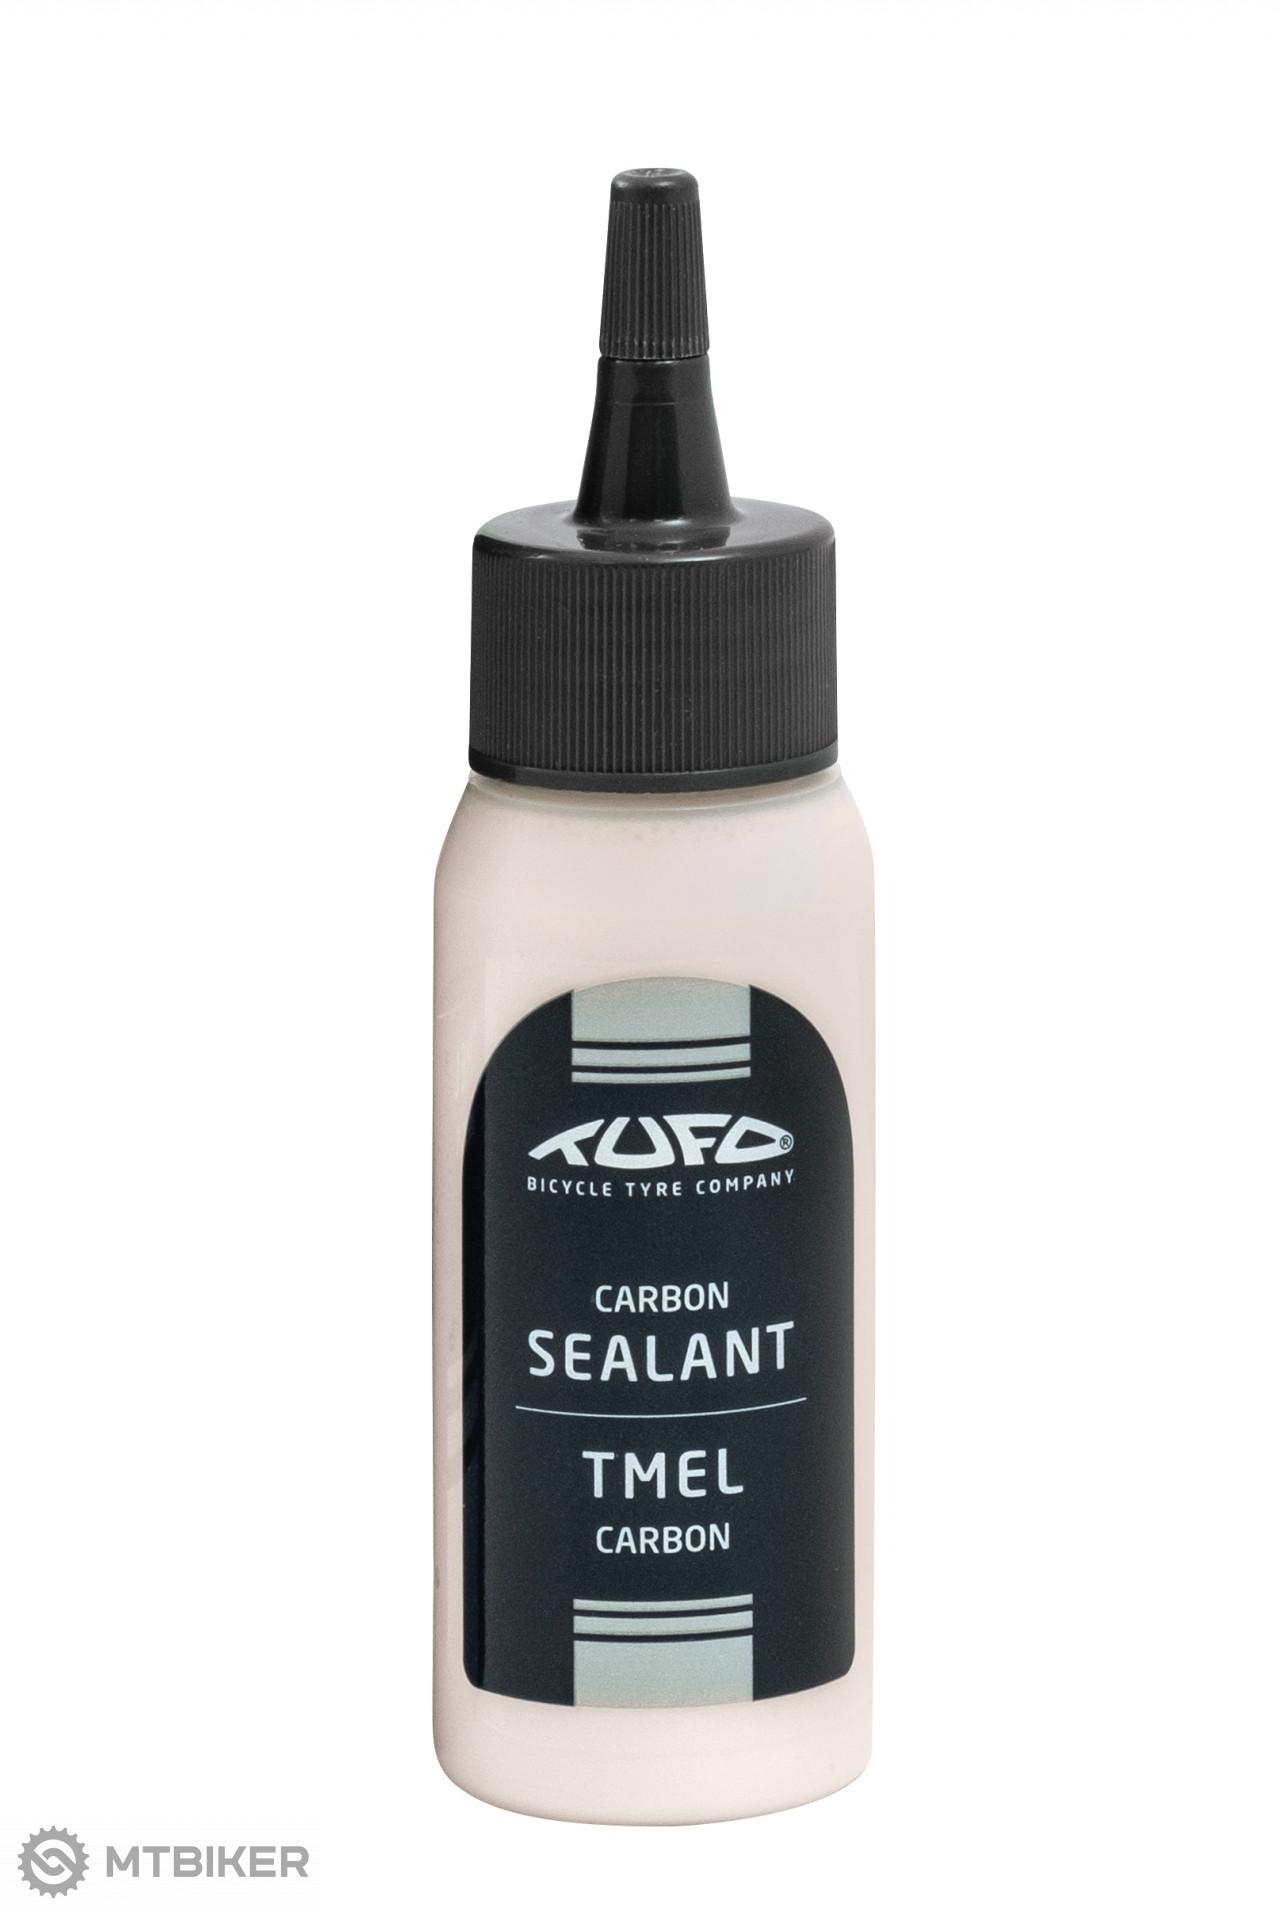 Tufo Carbon Sealant tmel (emulzia) 50ml